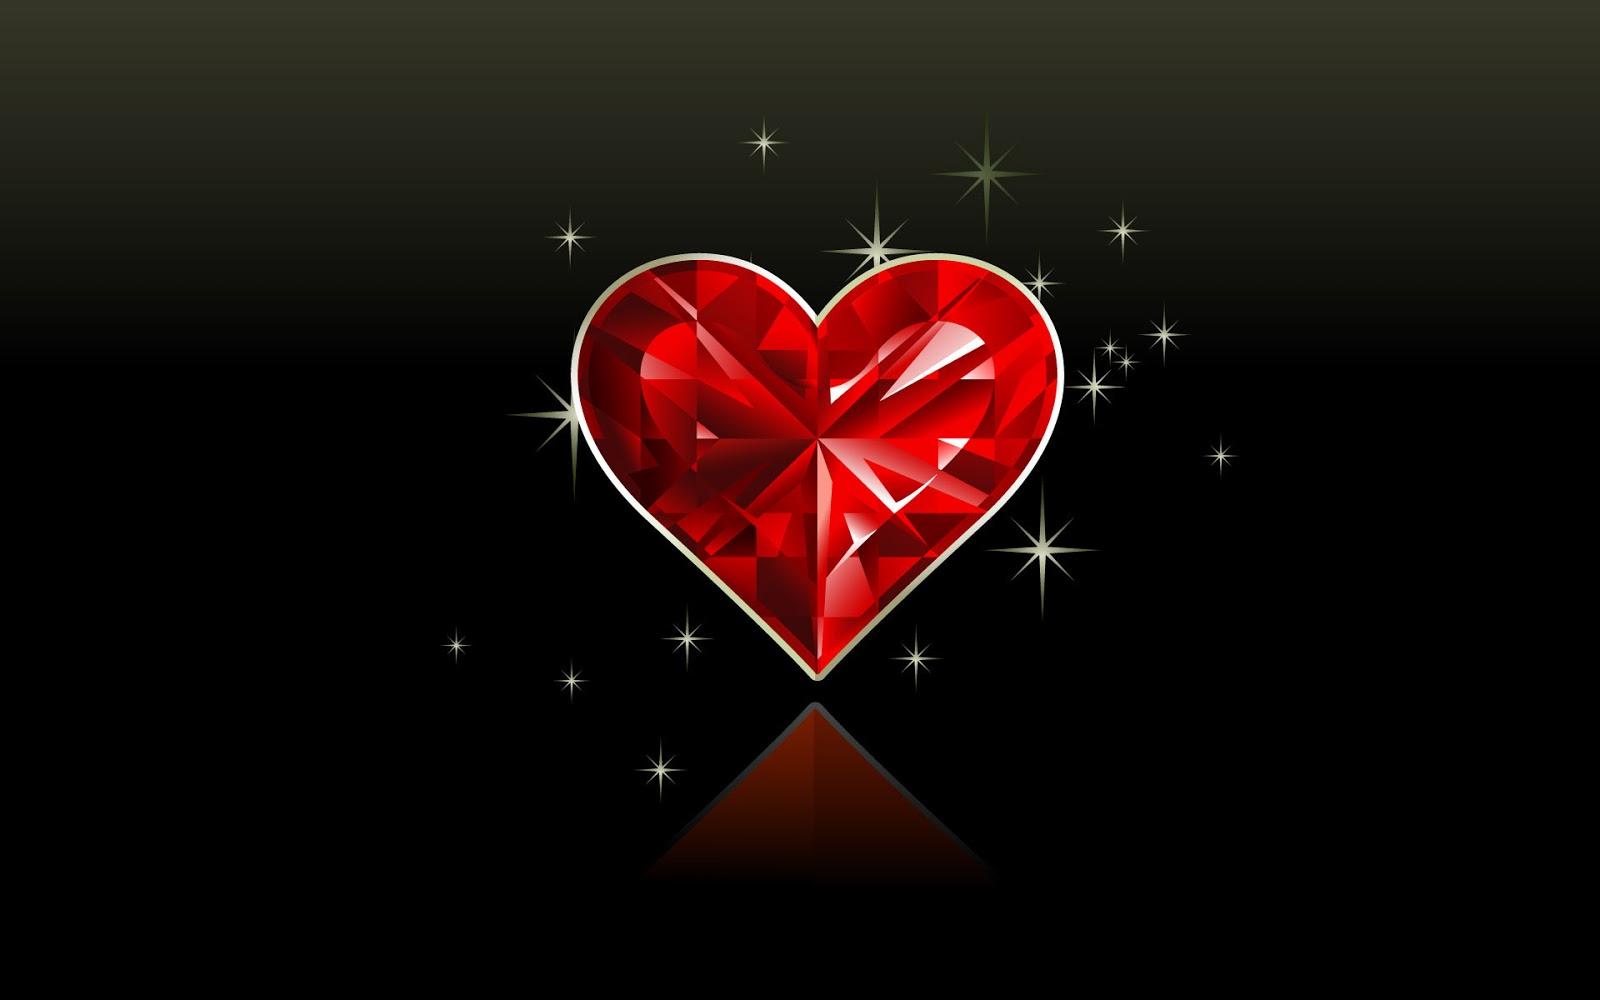 Wallpaper Love Z : corazon rojo Wallpaper - Imagenes Para compartir SaGiTaRioXP